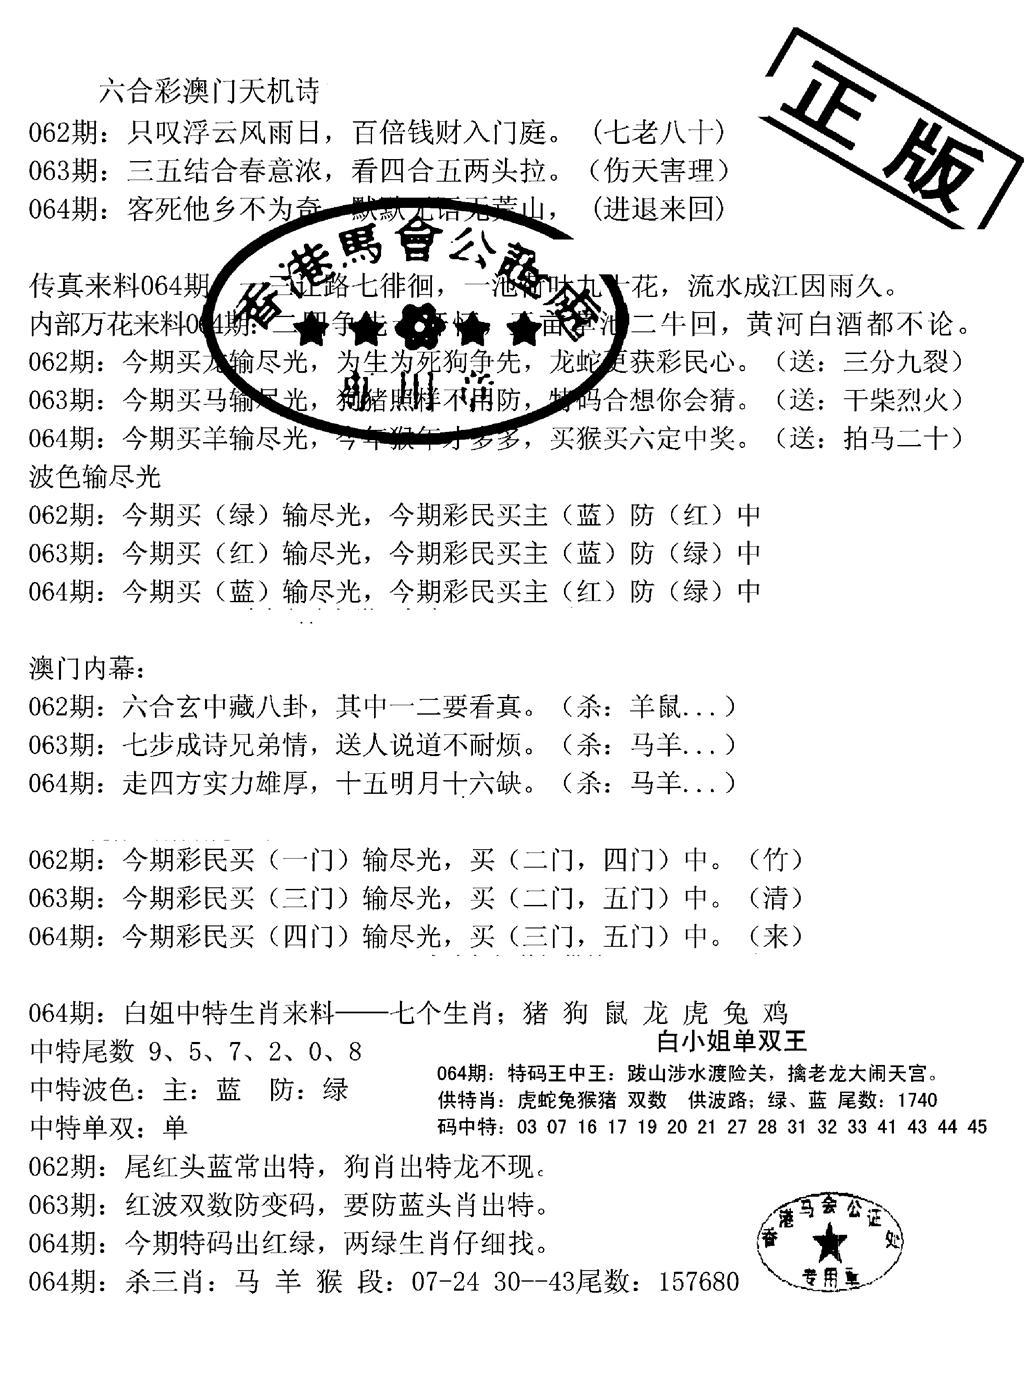 064期深圳特区报B(黑白)